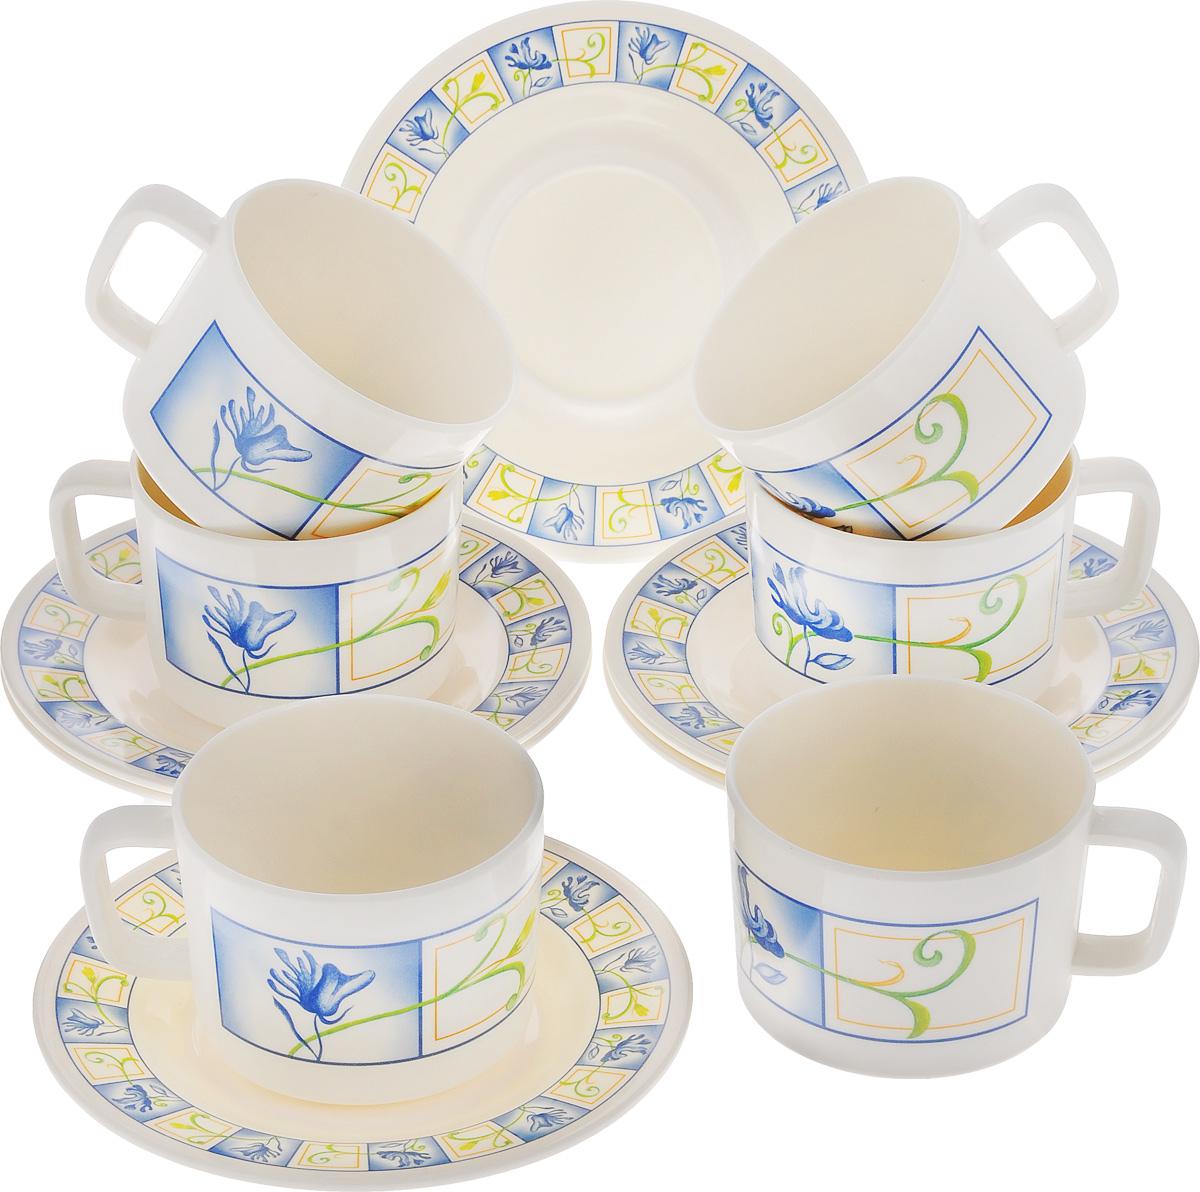 Набор чайный Calve, 12 предметов. CL-2510CL-2510Чайный набор Calve состоит из шести чашек и шести блюдец, выполненных из высококачественного пластика. Изделия оформлены ярким рисунком. Изящный набор эффектно украсит стол к чаепитию и порадует вас функциональностью и ярким дизайном. Можно мыть в посудомоечной машине. Диаметр блюдца: 16,5 см. Объем чашки: 330 мл. Диаметр чашки (по верхнему краю): 9 см. Высота чашки: 7 см.